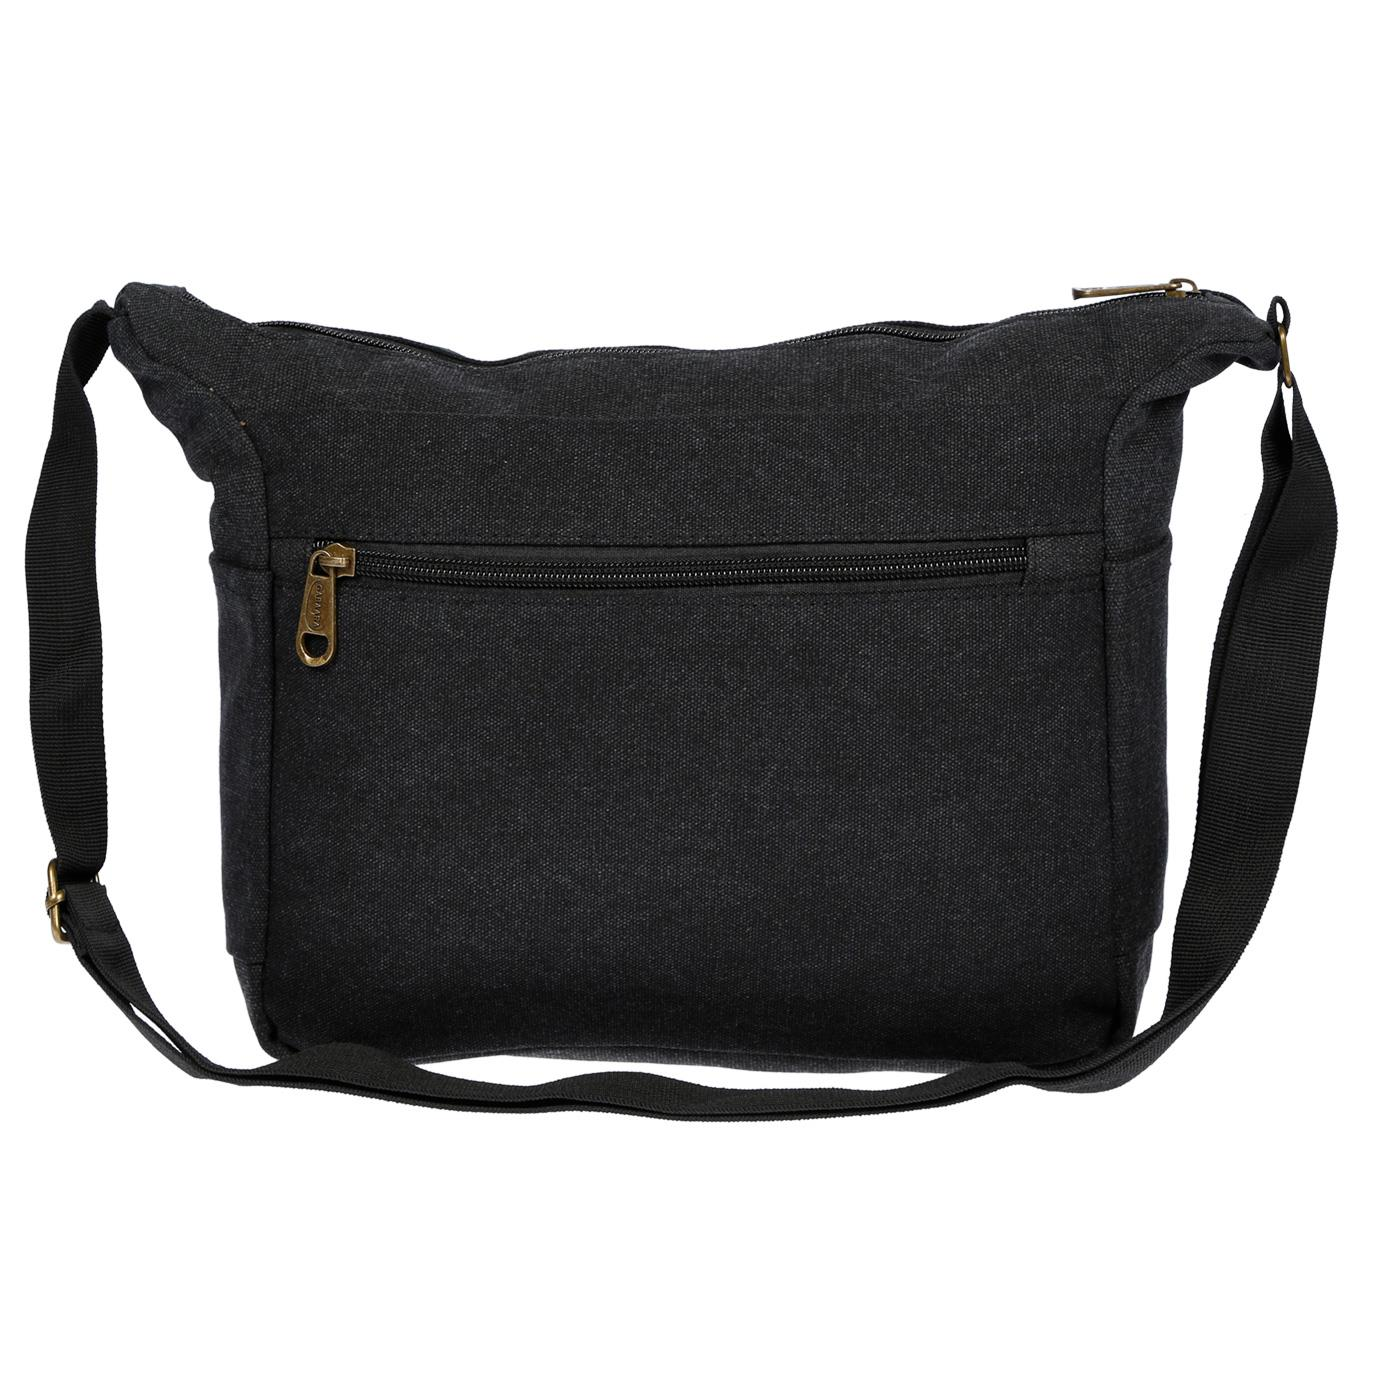 Damen-Tasche-Canvas-Umhaengetasche-Schultertasche-Crossover-Bag-Damenhandtasche Indexbild 16